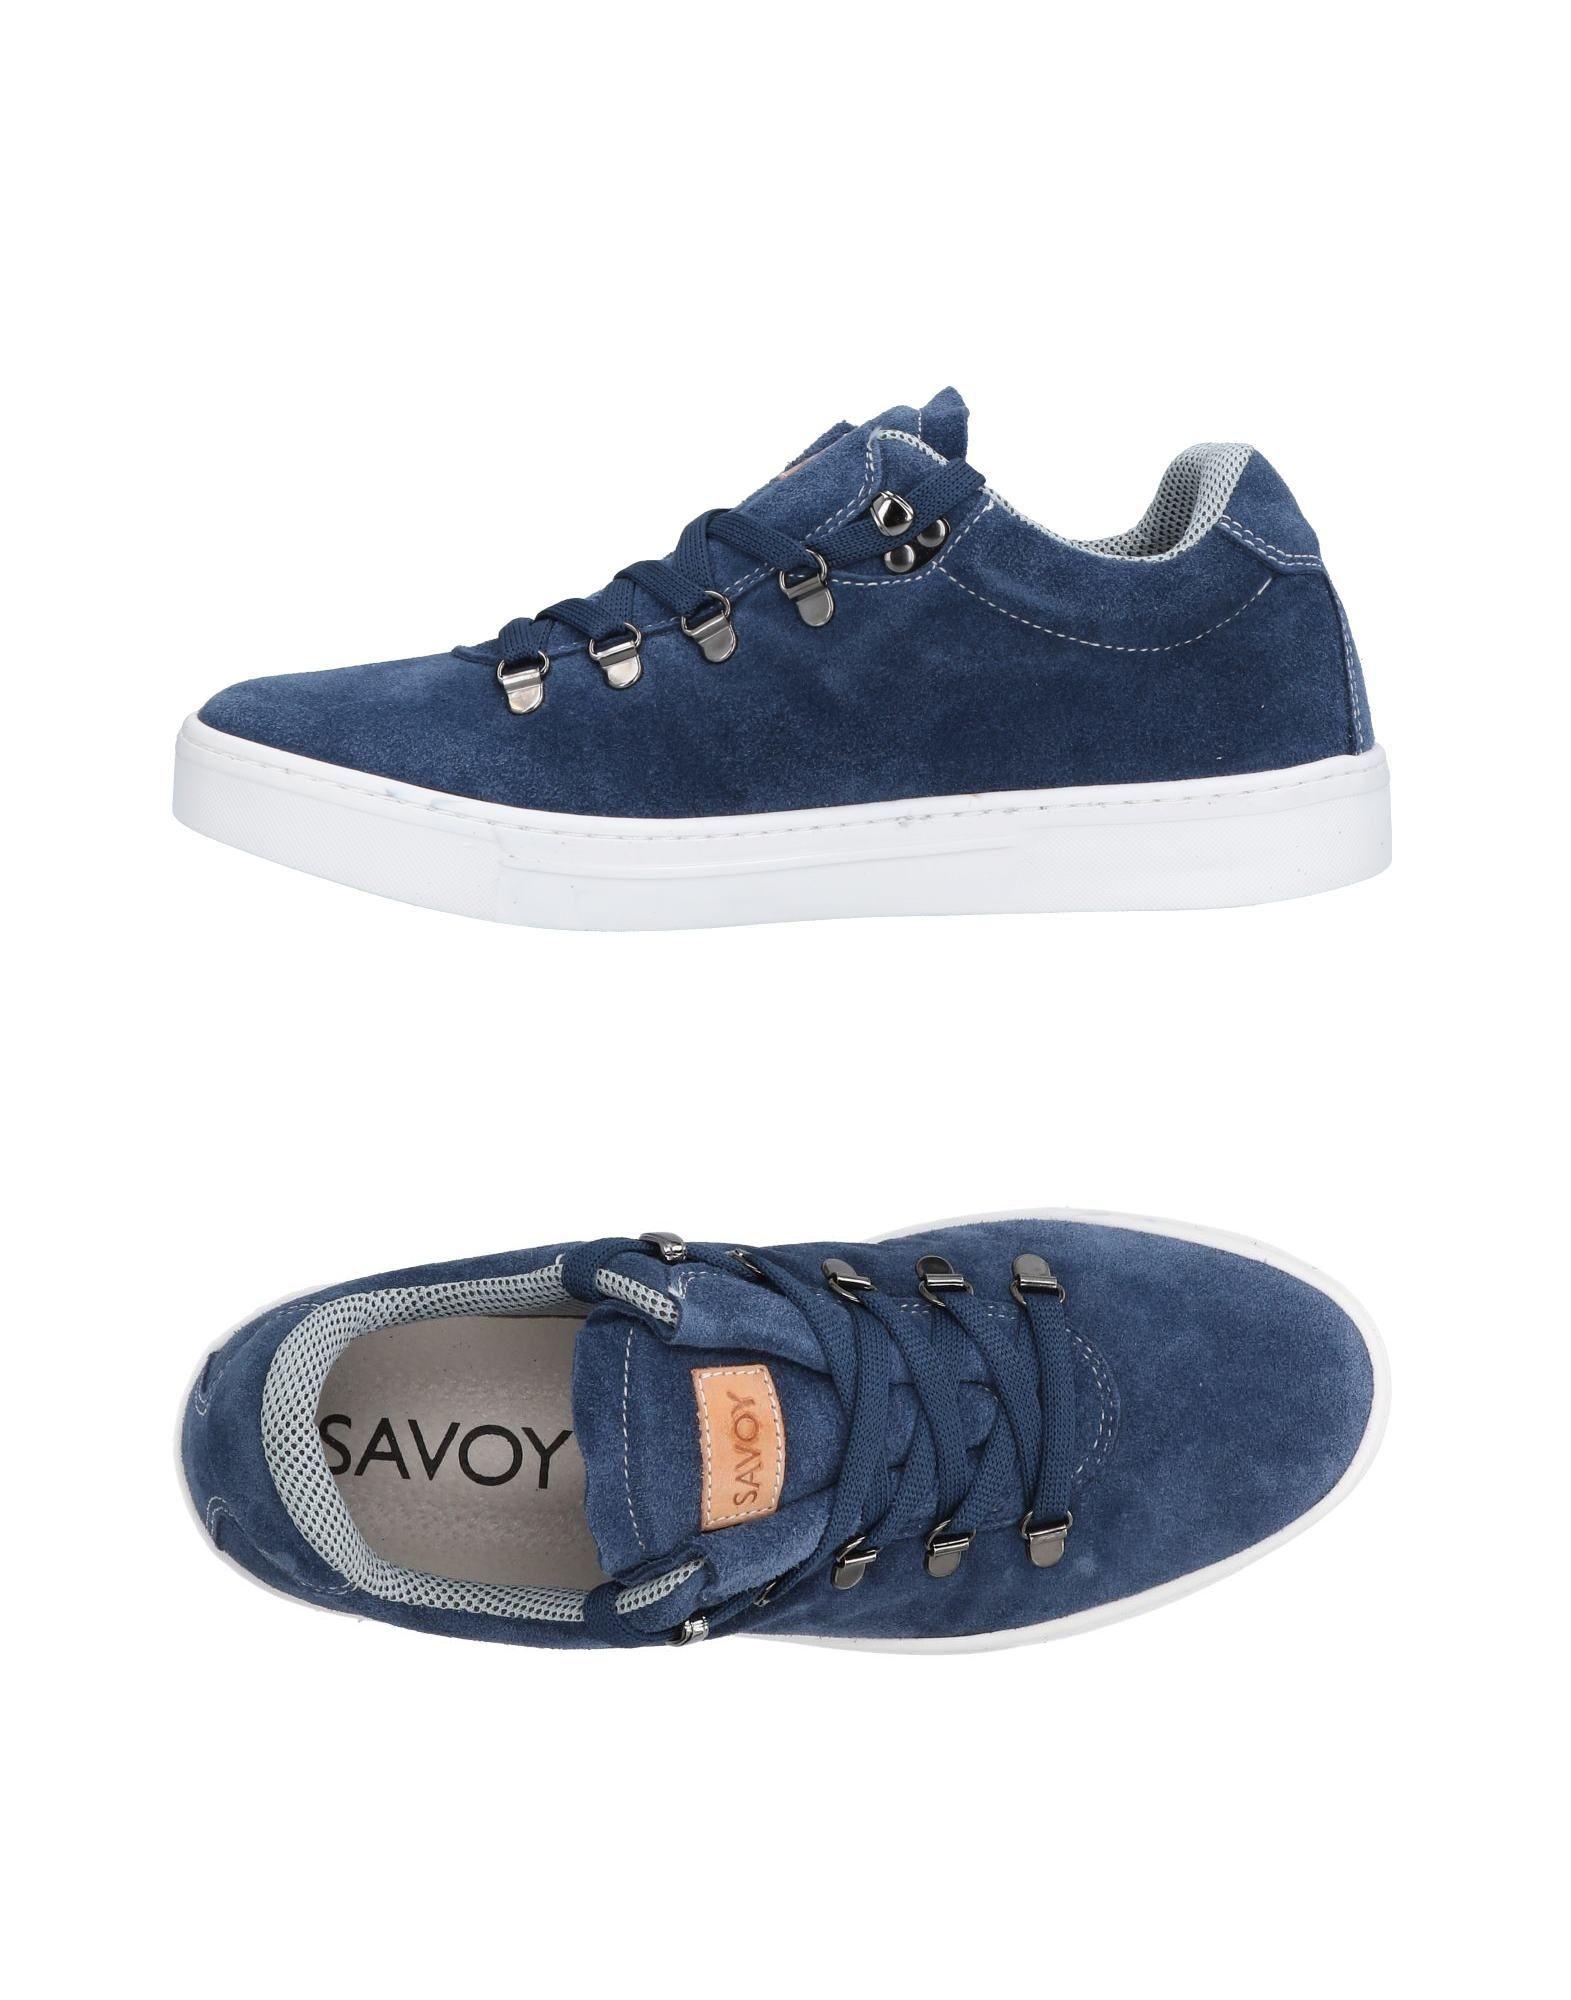 Savoy Sneakers Sneakers Savoy Herren  11495974BT dce092